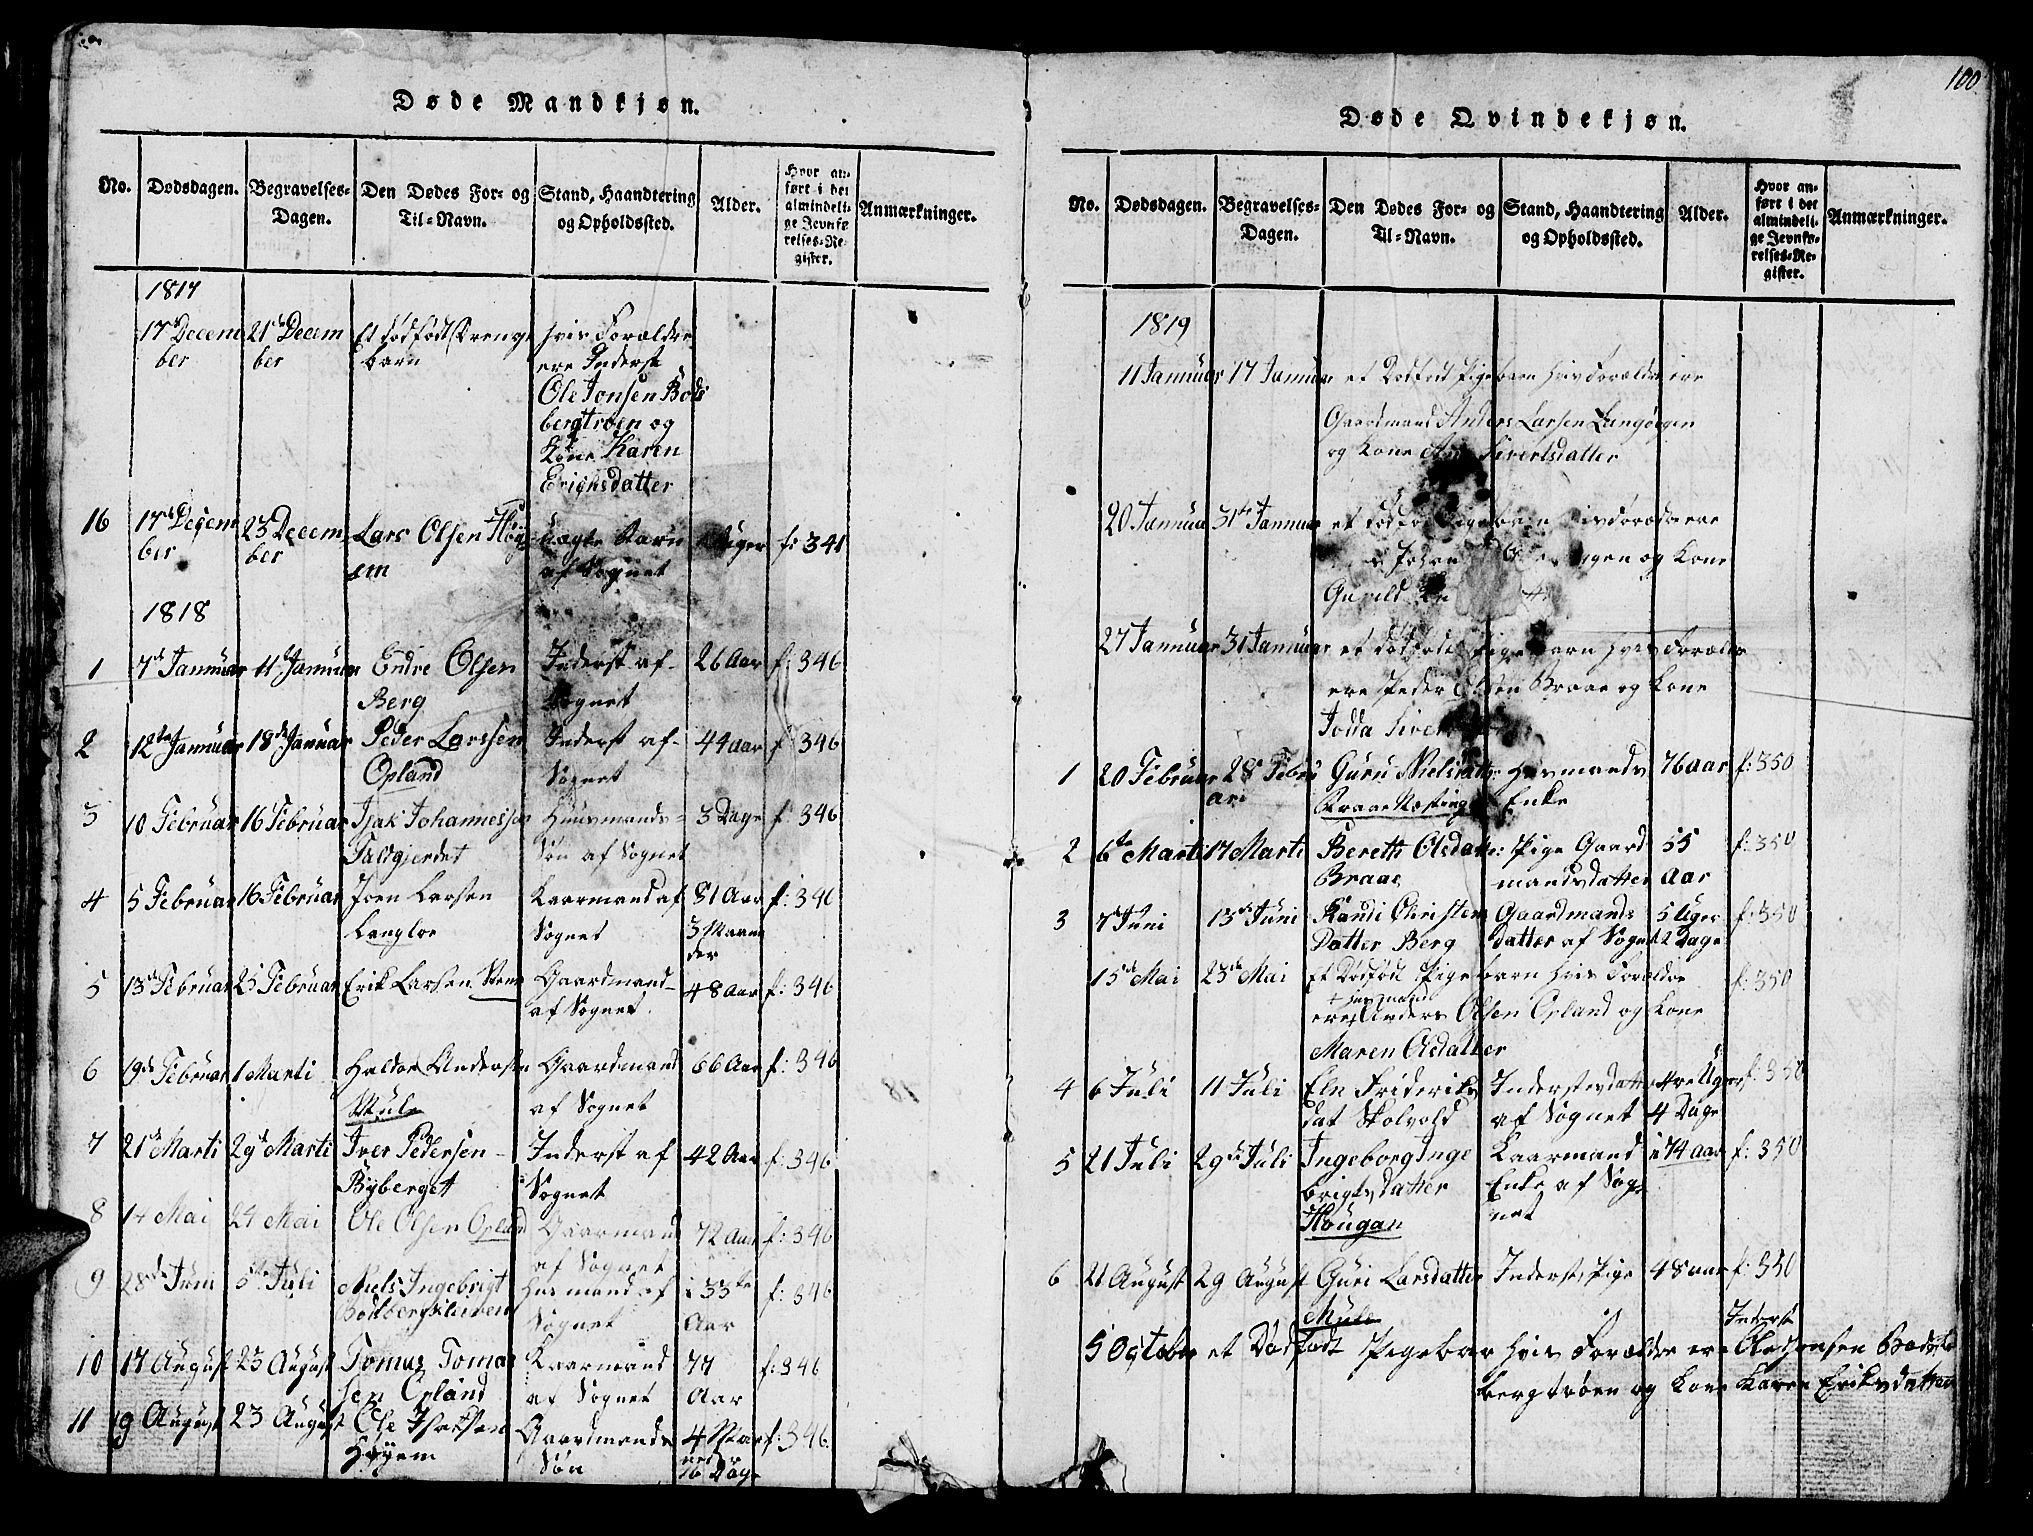 SAT, Ministerialprotokoller, klokkerbøker og fødselsregistre - Sør-Trøndelag, 612/L0385: Klokkerbok nr. 612C01, 1816-1845, s. 100